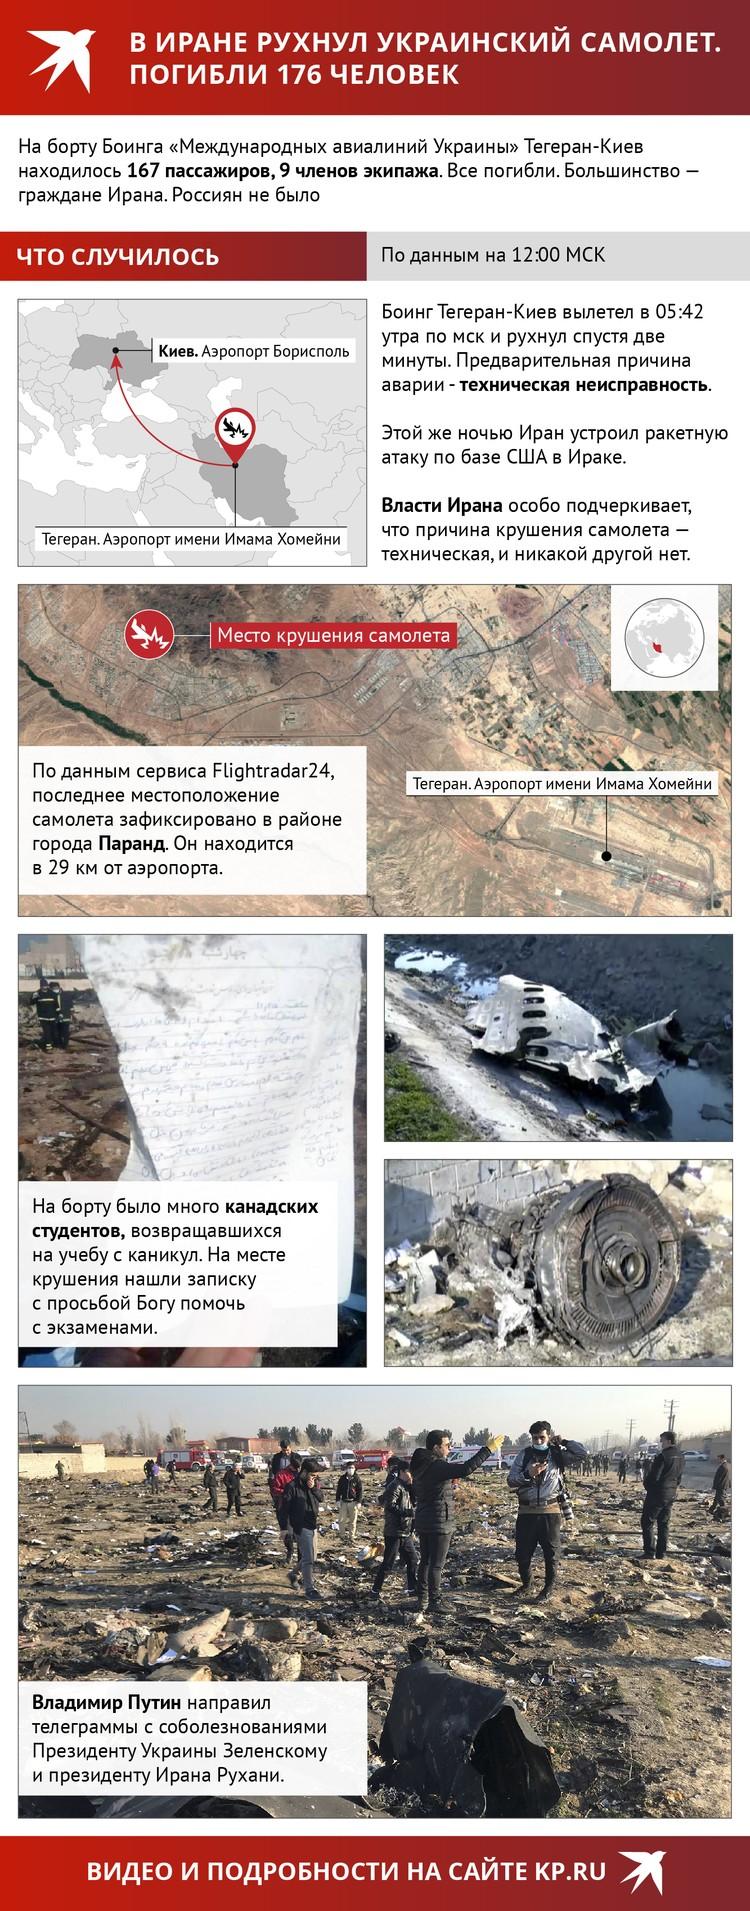 """Хроника крушения """"Боинга-737-800"""" украинской авиакомпании под Тегераном."""